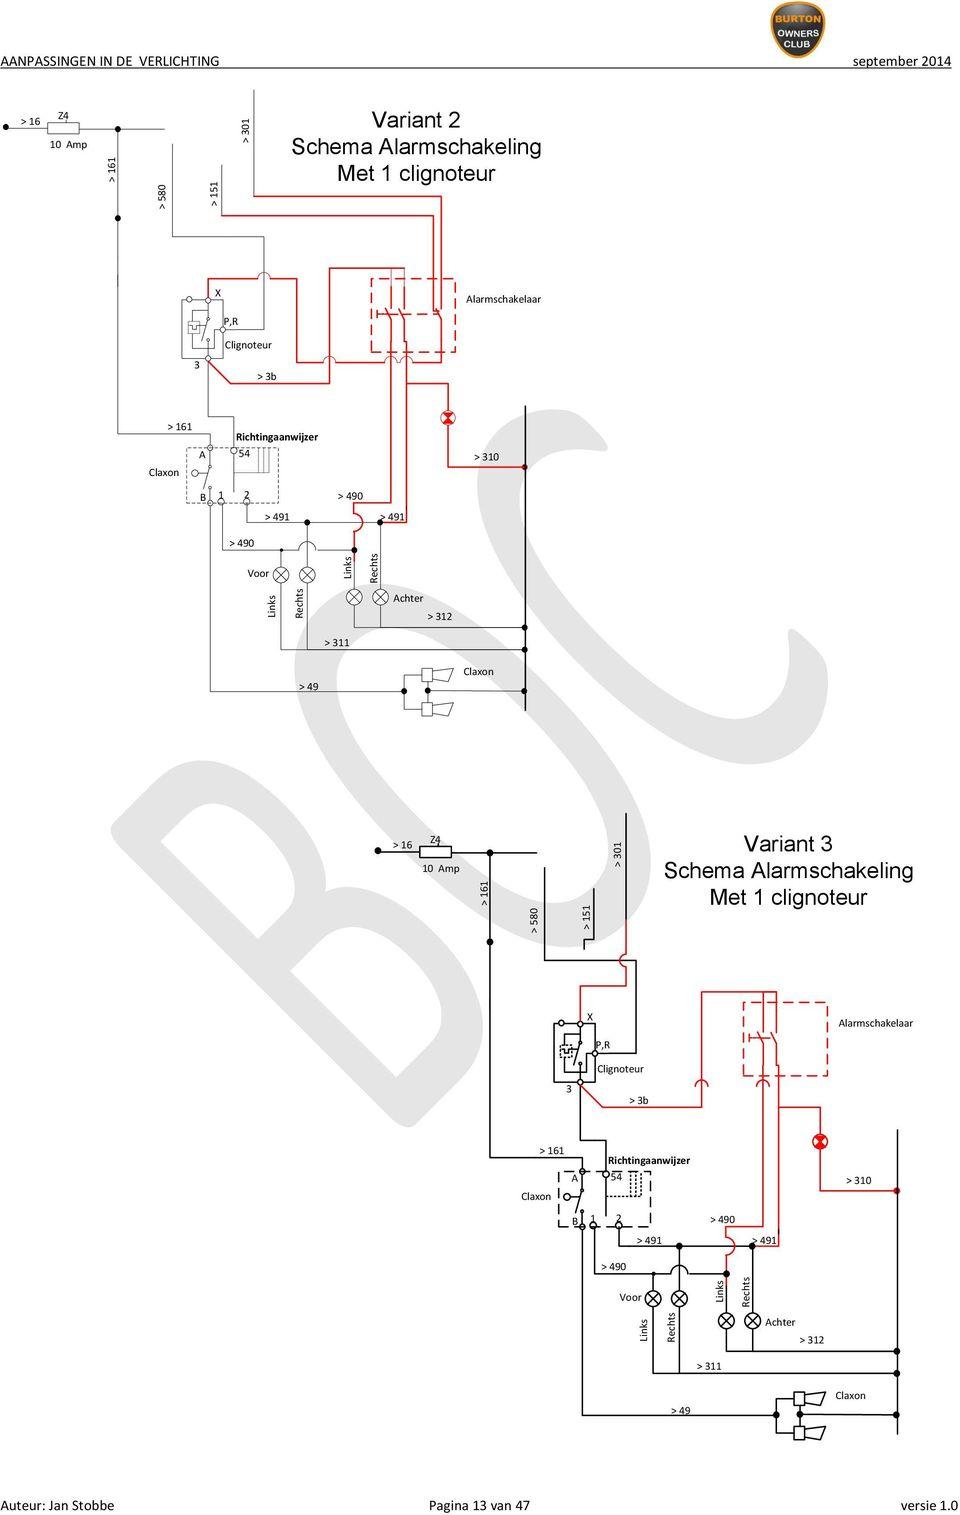 580 > 151 > 301 variant 3 schema alarmschakeling met 1 clignoteur x alarmschakelaar p